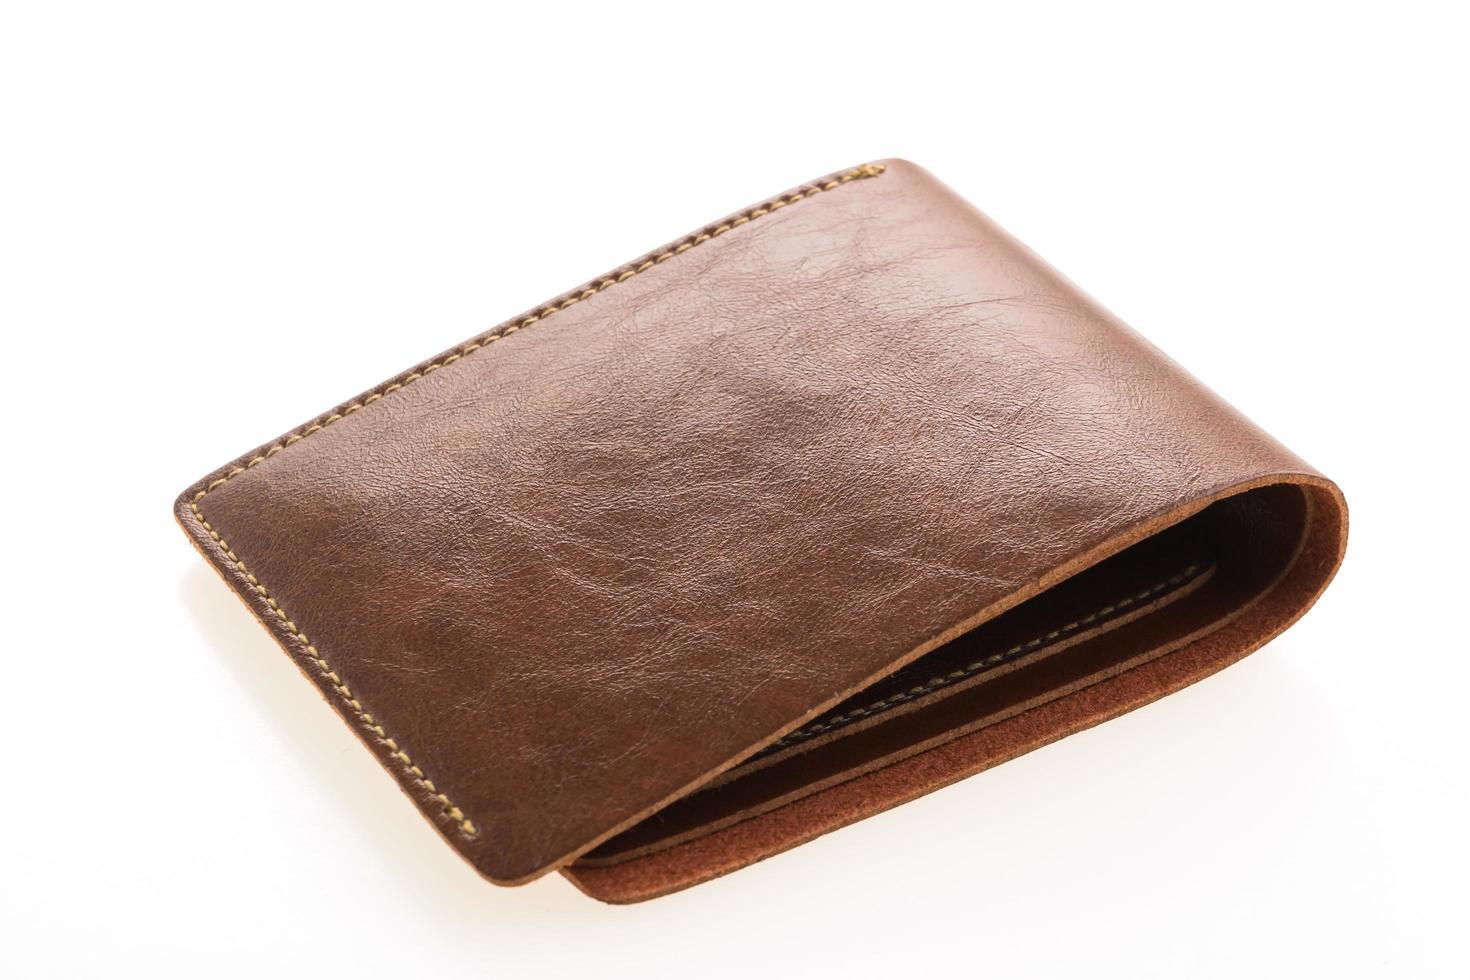 carteira de couro marrom em fundo branco foto